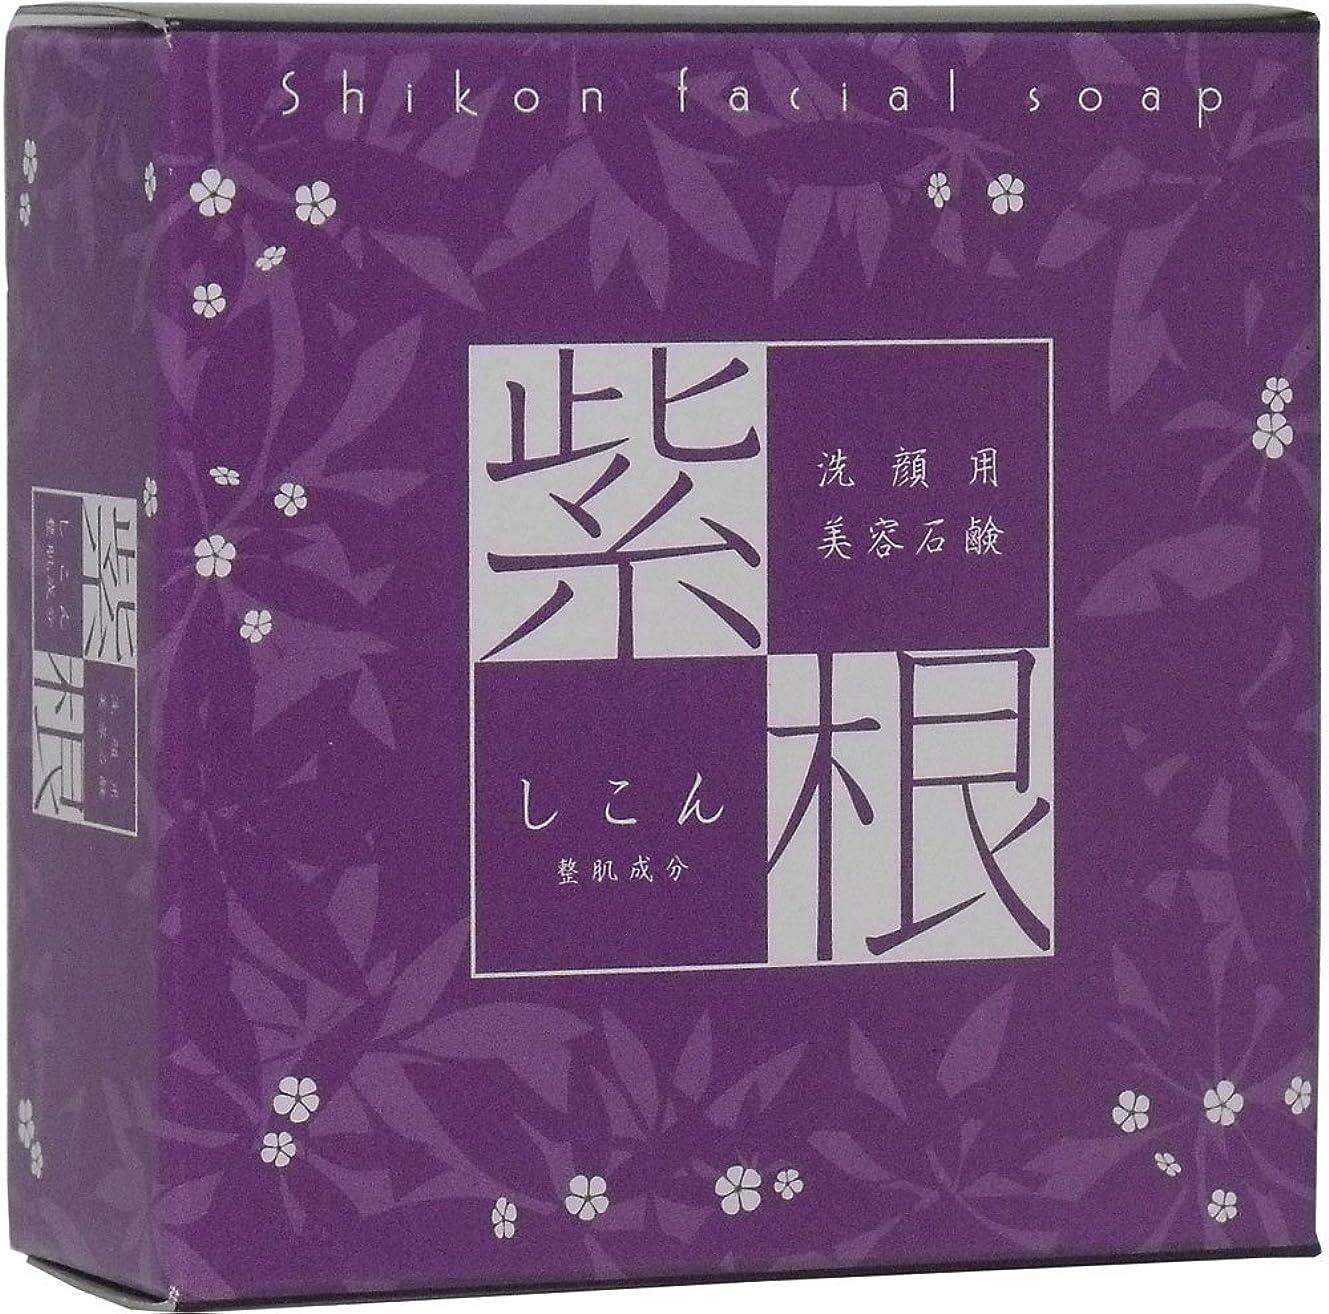 レンド更新するセラー洗顔用 紫根石けん (泡立てネット付き) 100g ×10個セット